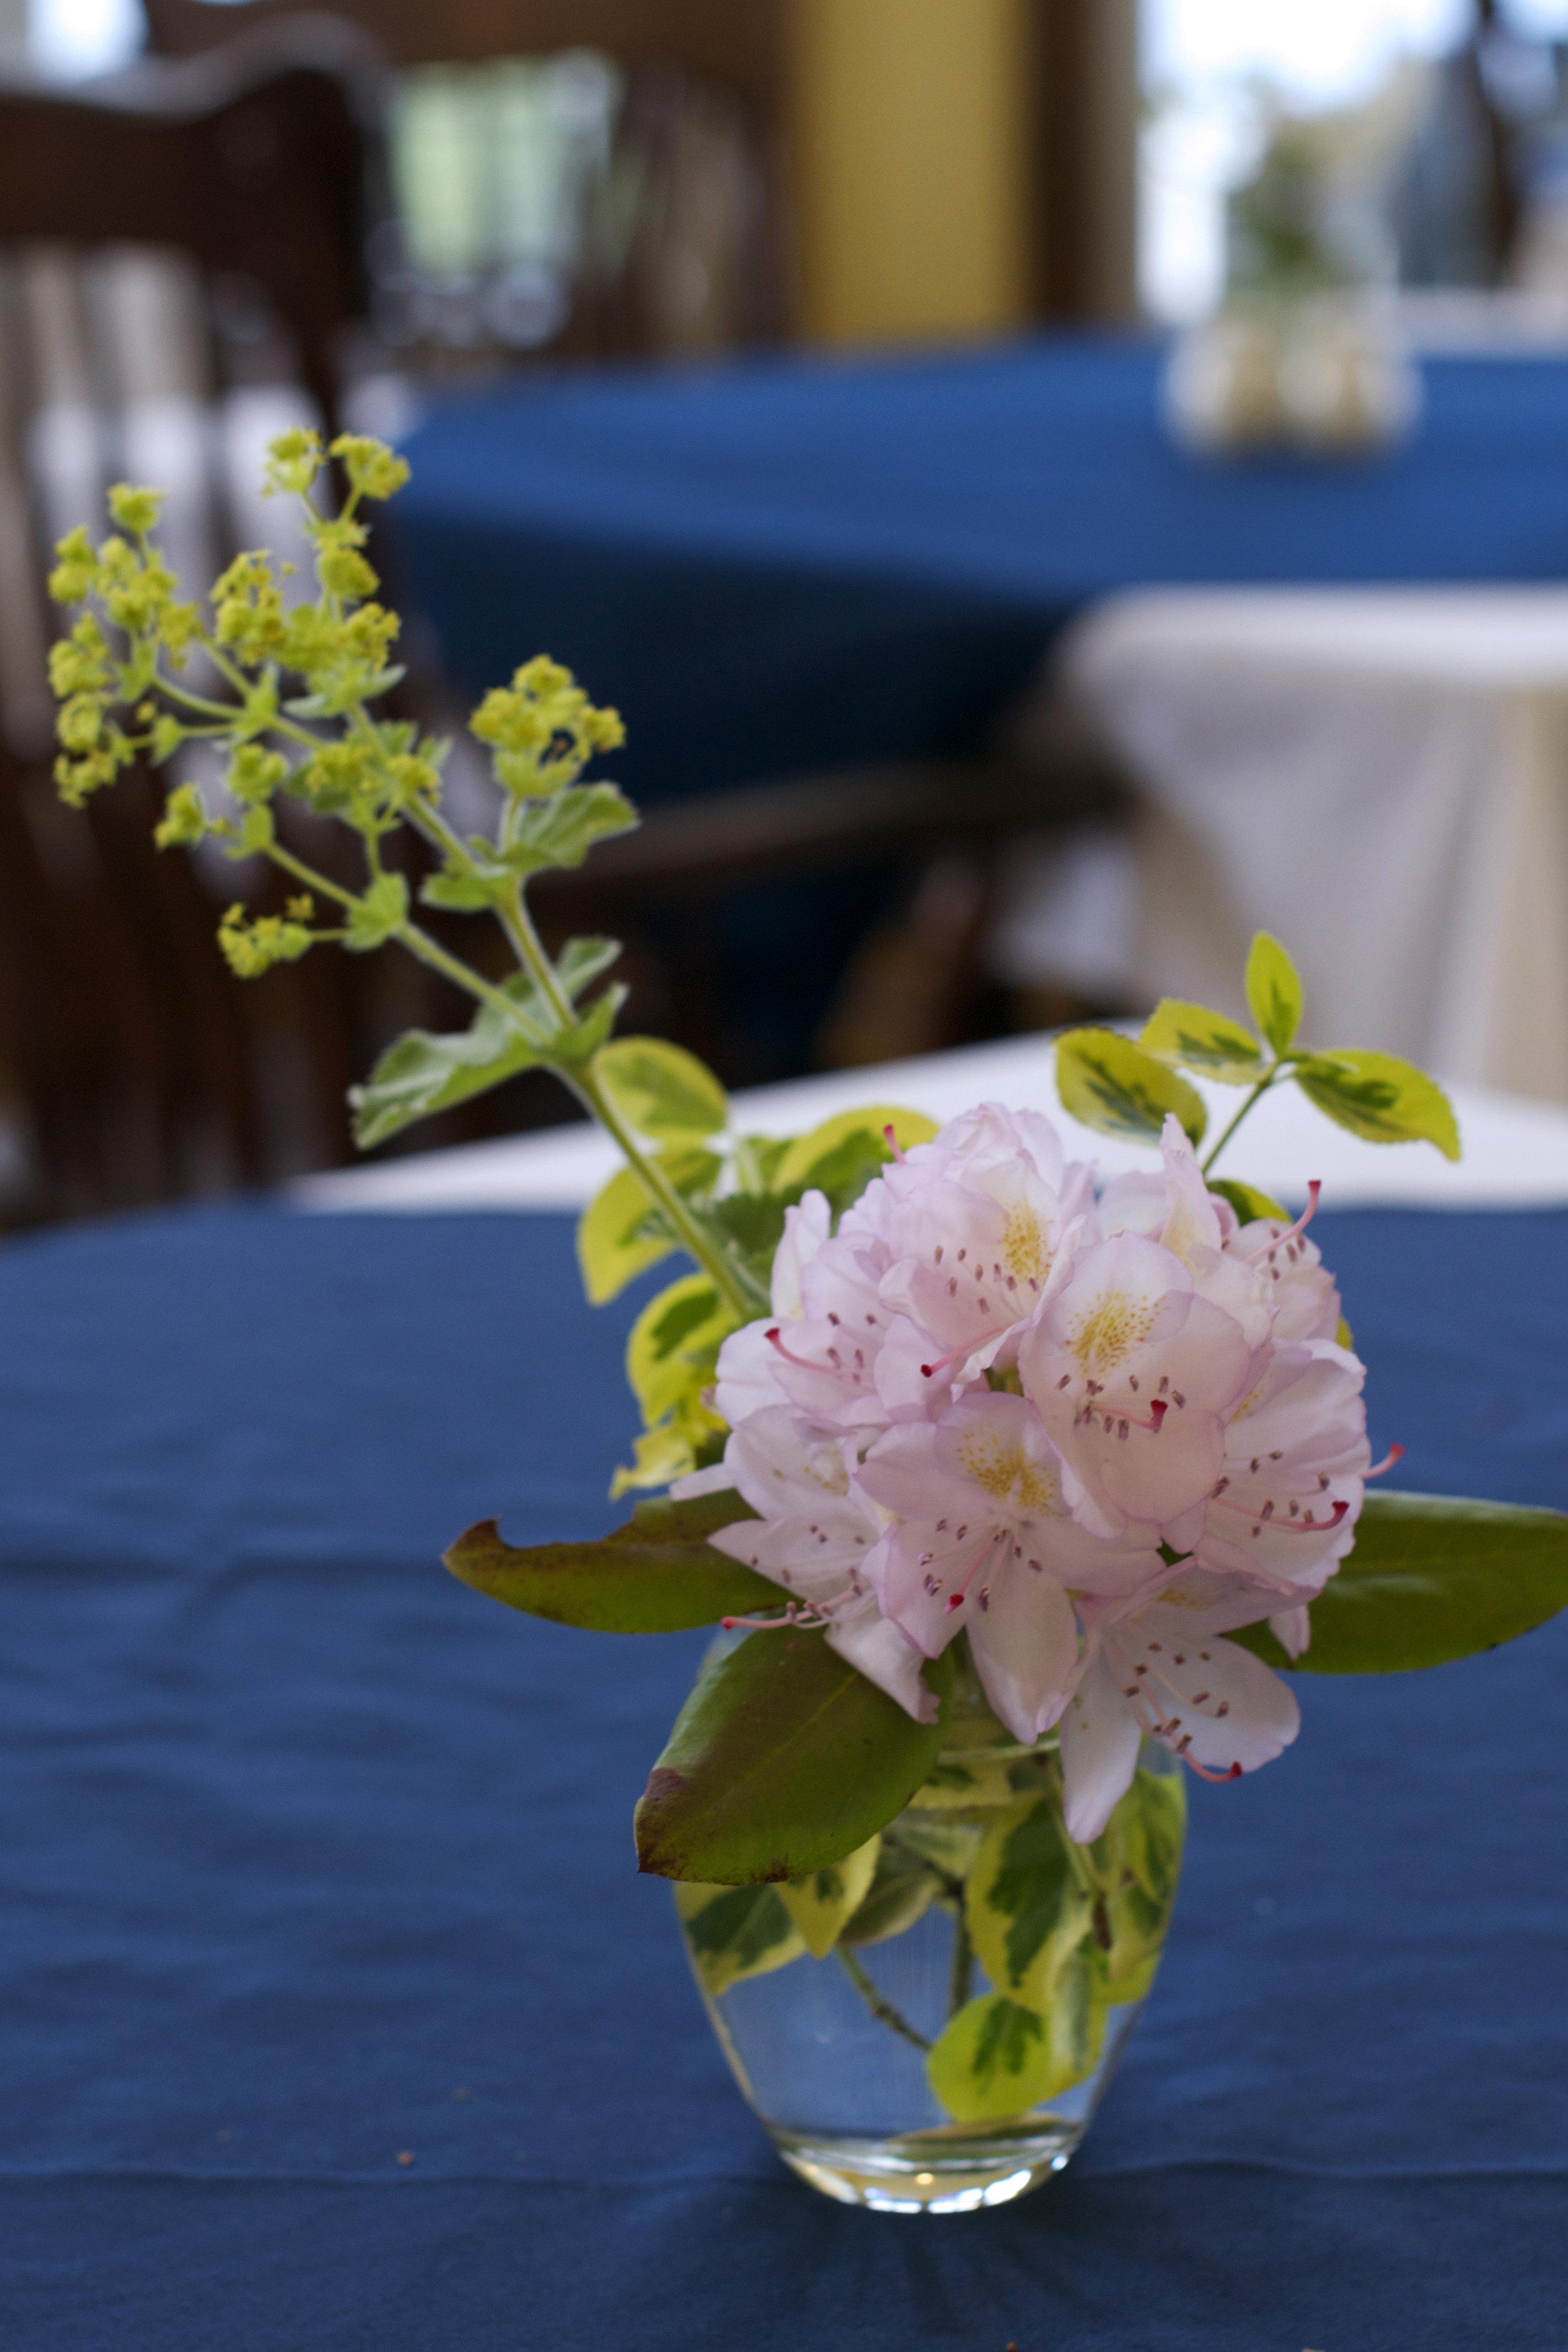 fresh-pink-flowers-on-table.jpg